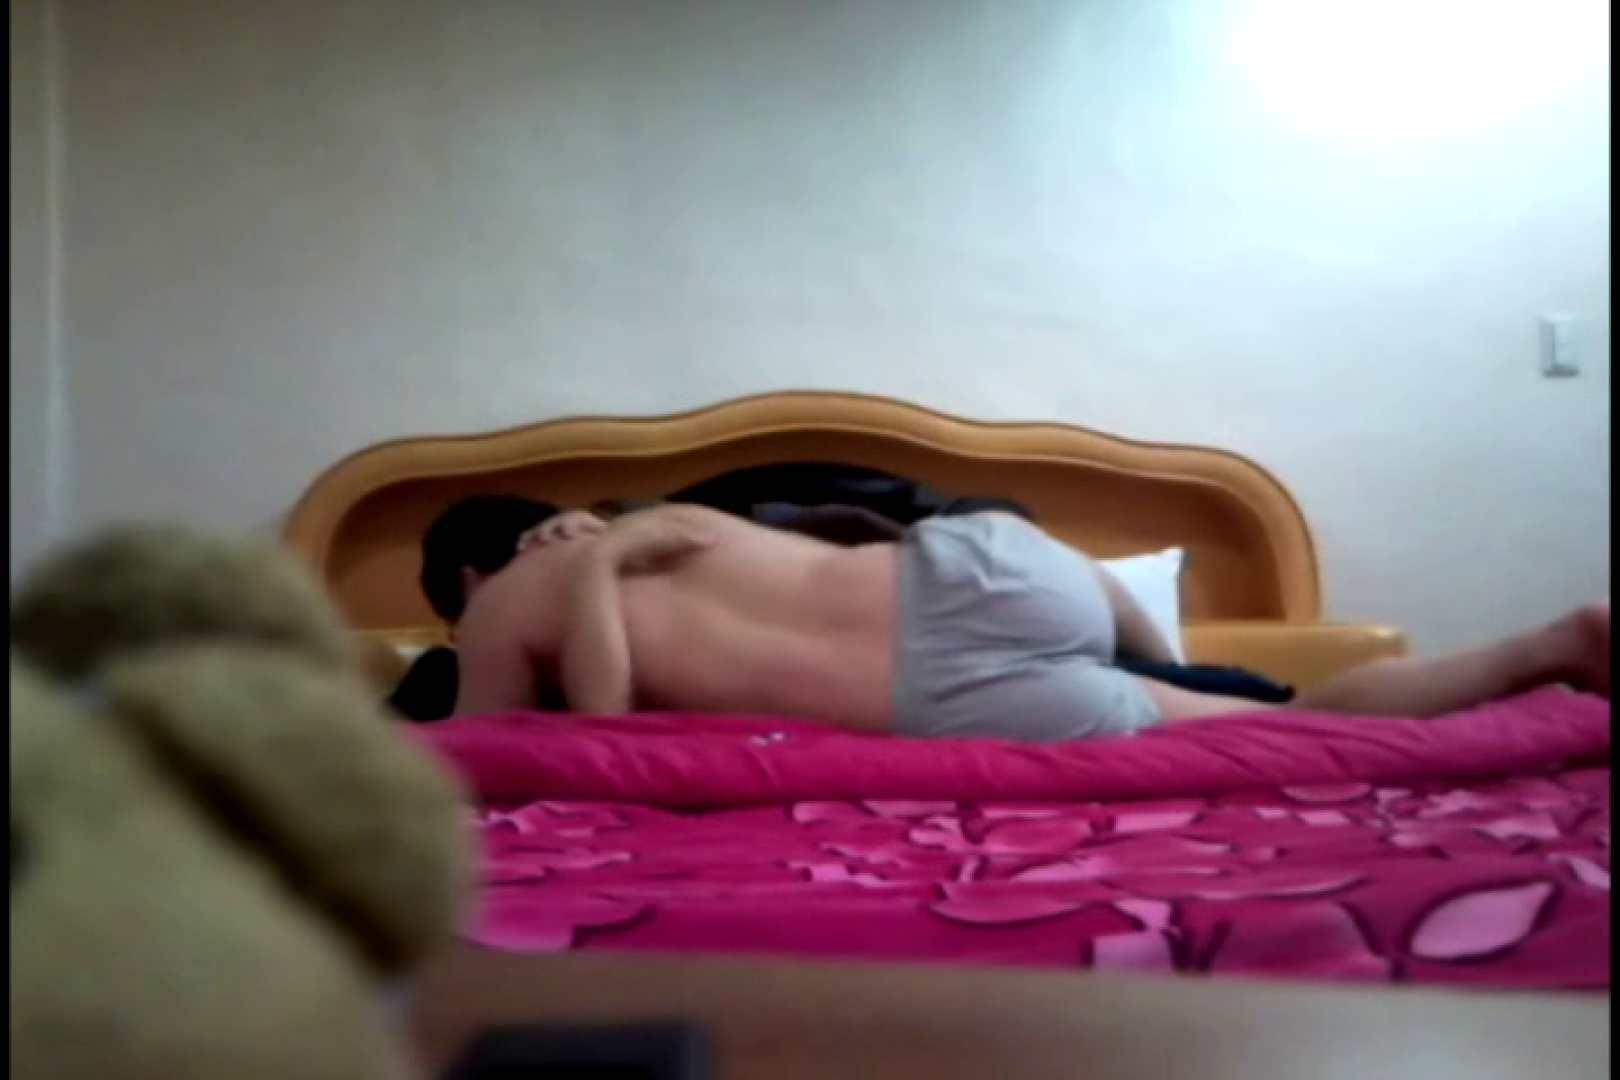 コリアン素人流出シリーズ ラブホテル隠し撮り ホテル SEX無修正画像 97枚 13